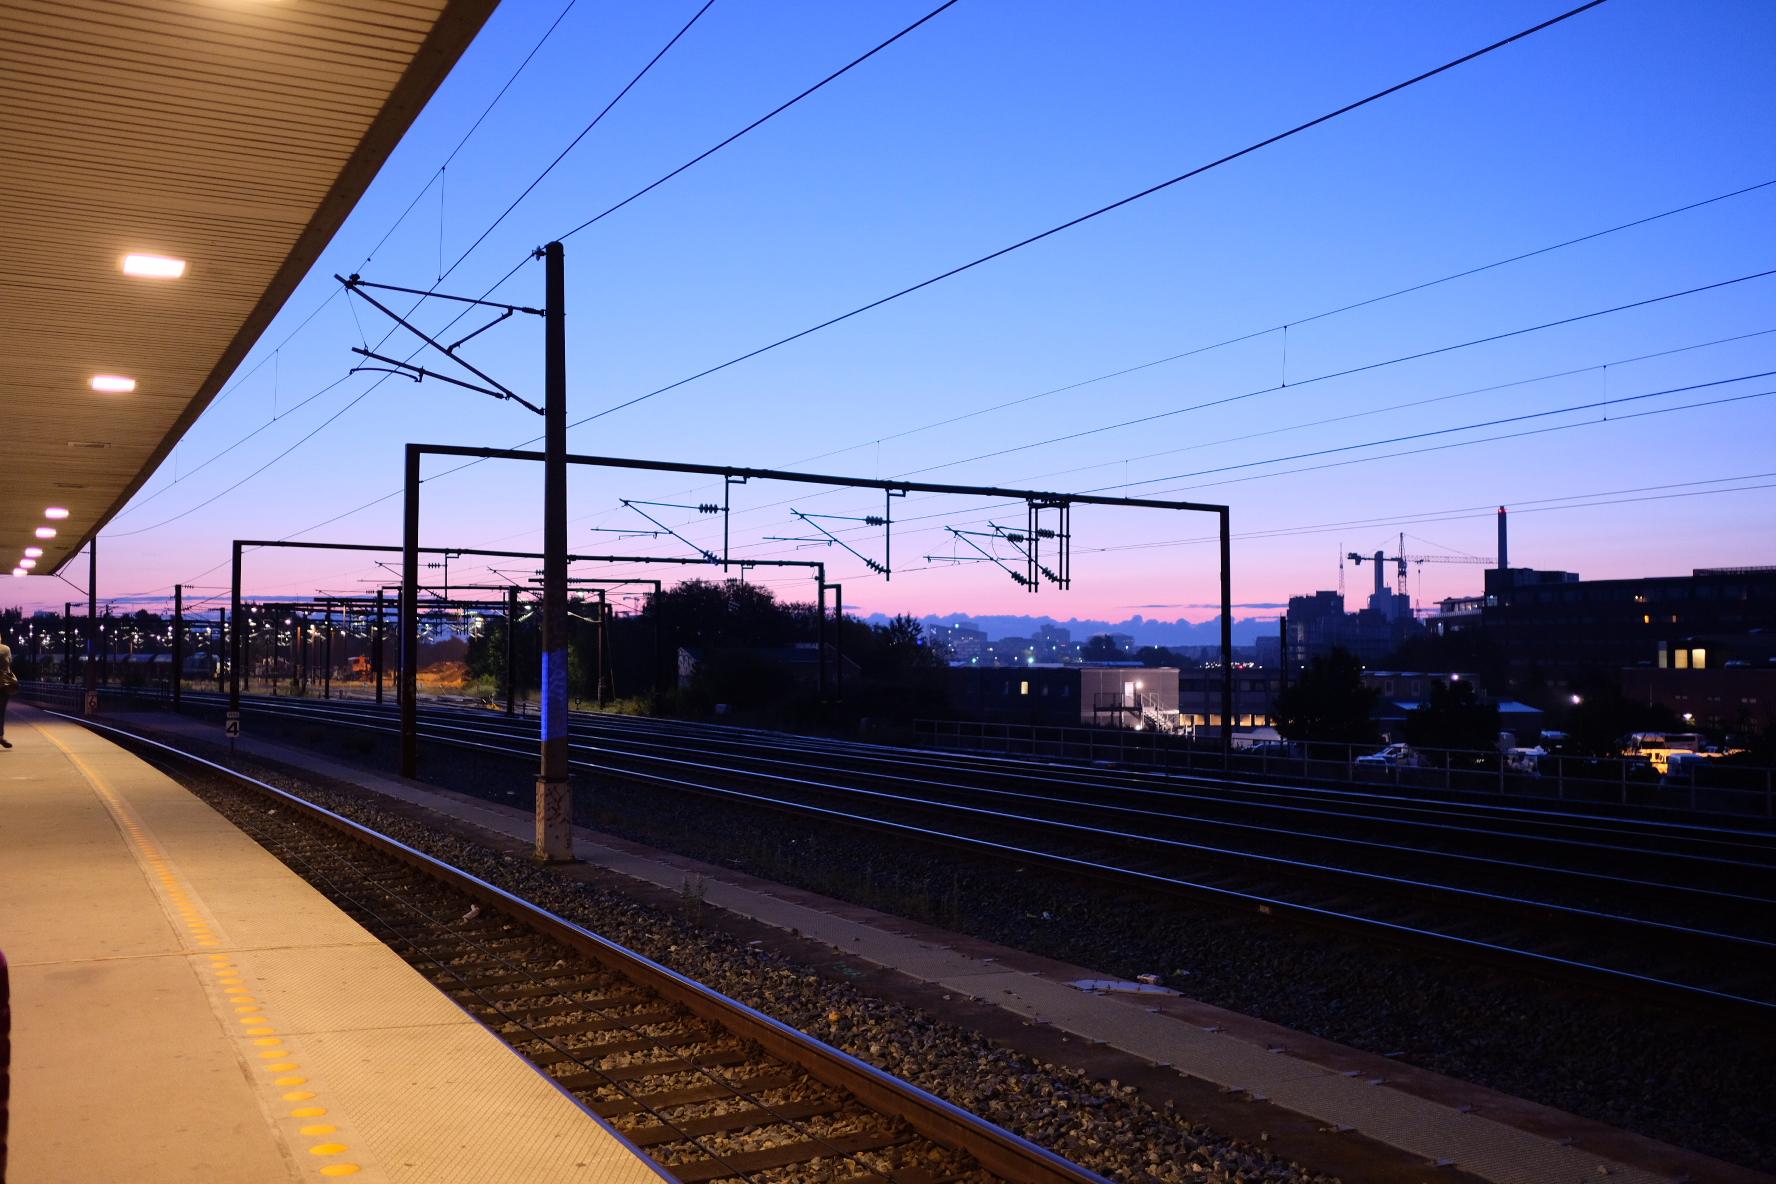 早朝のコペンハーゲン空港まで電車で行ってきた話